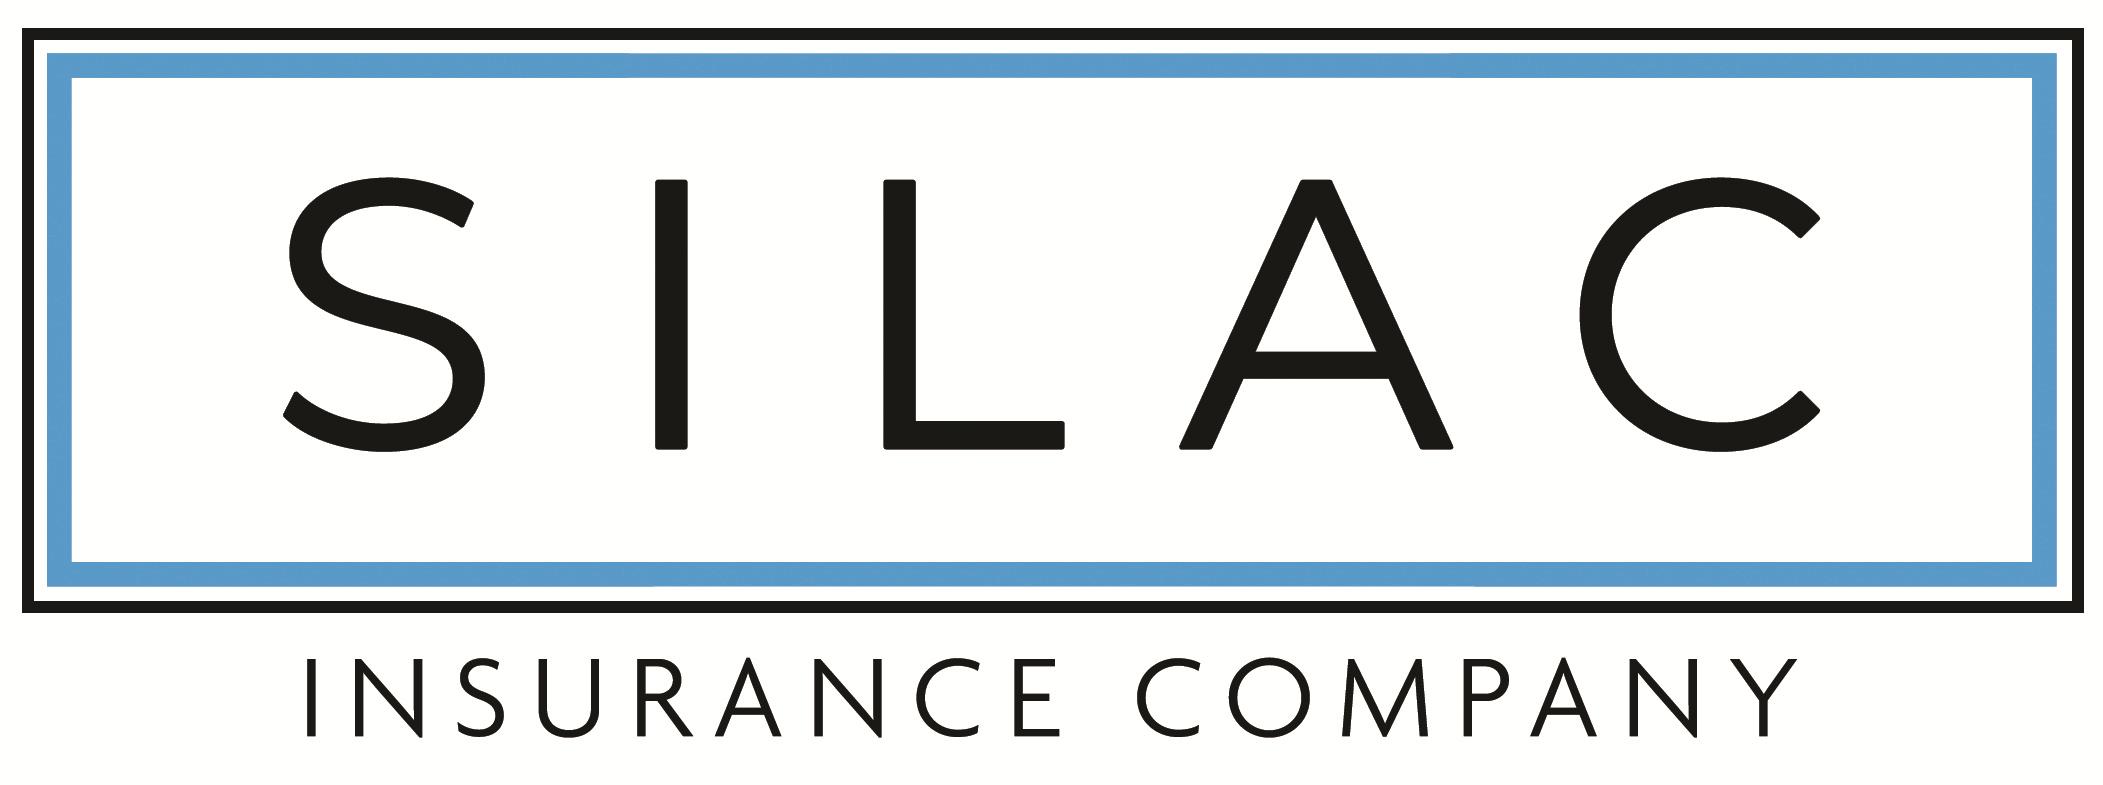 SILAC Insurance Company Company Logo